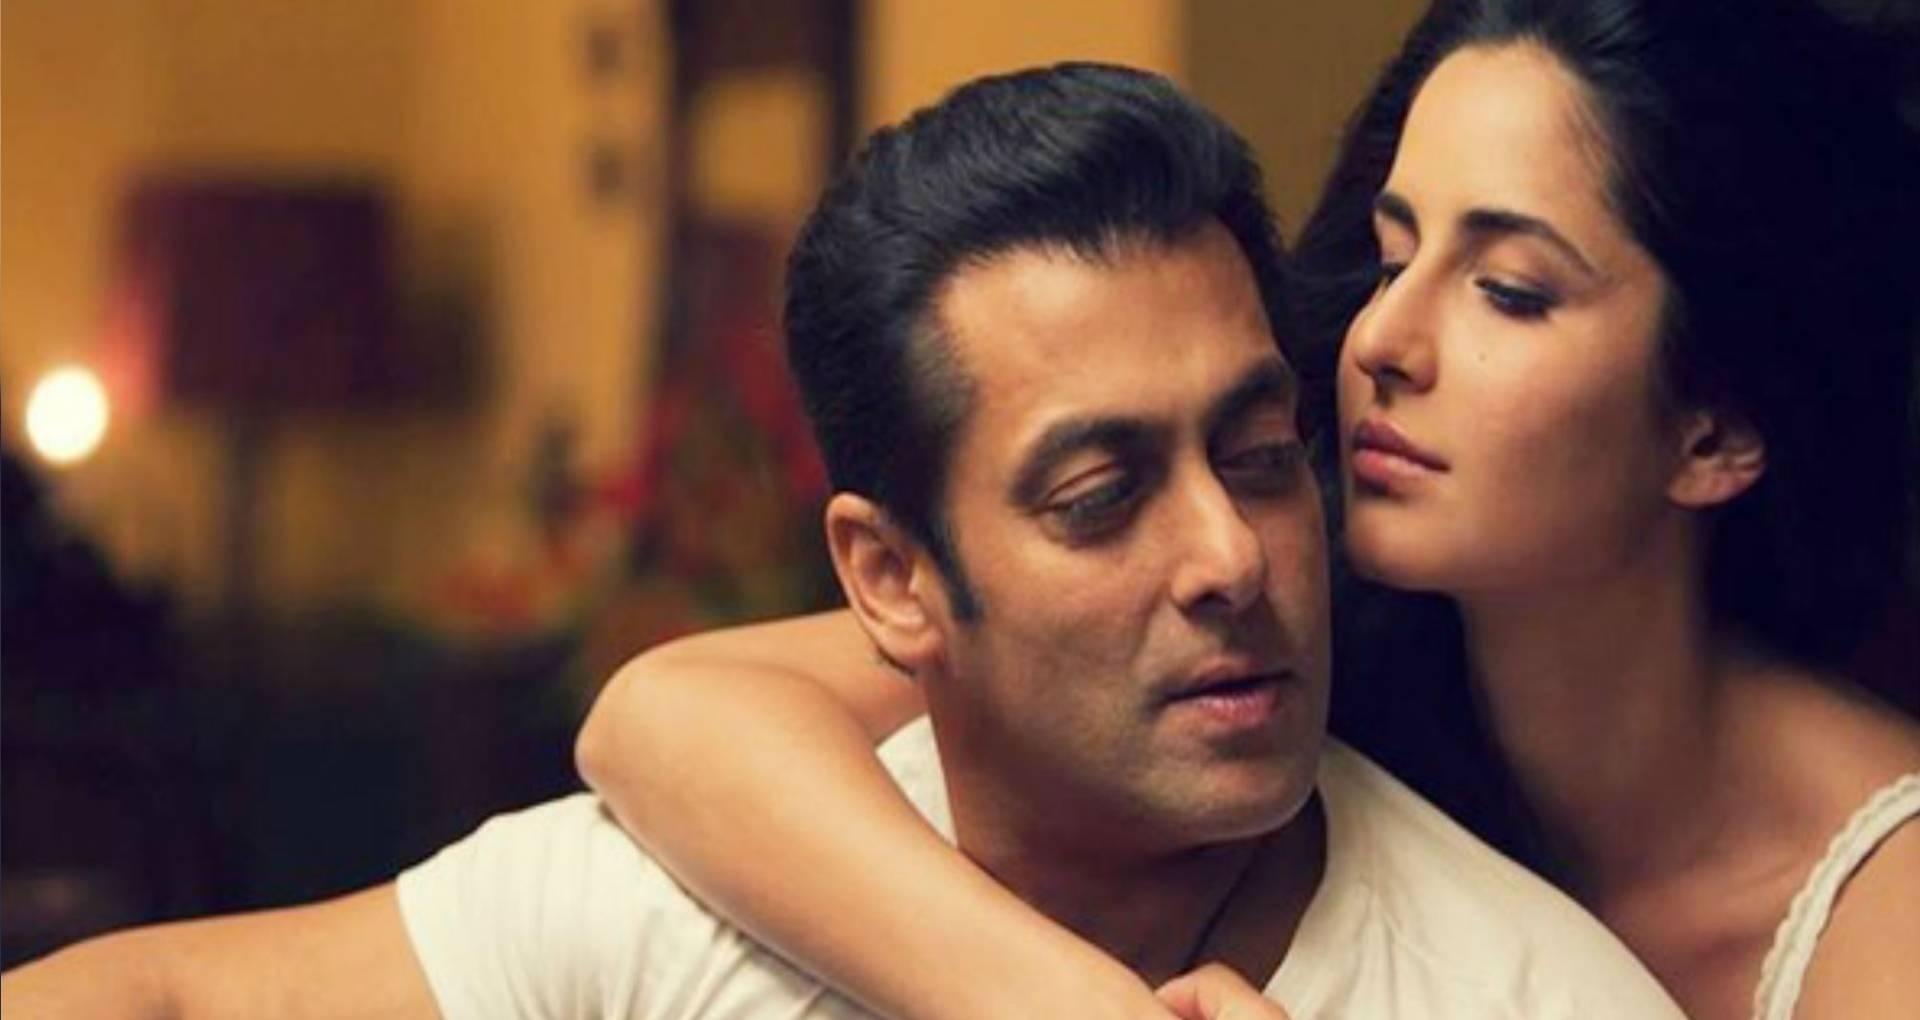 Katrina Kaif Propose Salman Khan Ali Abbas Zafar Share Bharat Promotional  Video - कैटरीना कैफ ने शादी के लिए किया सलमान खान को प्रपोज, बॉलीवुड के  भाईजान ने दिया ये रिएक्शन -